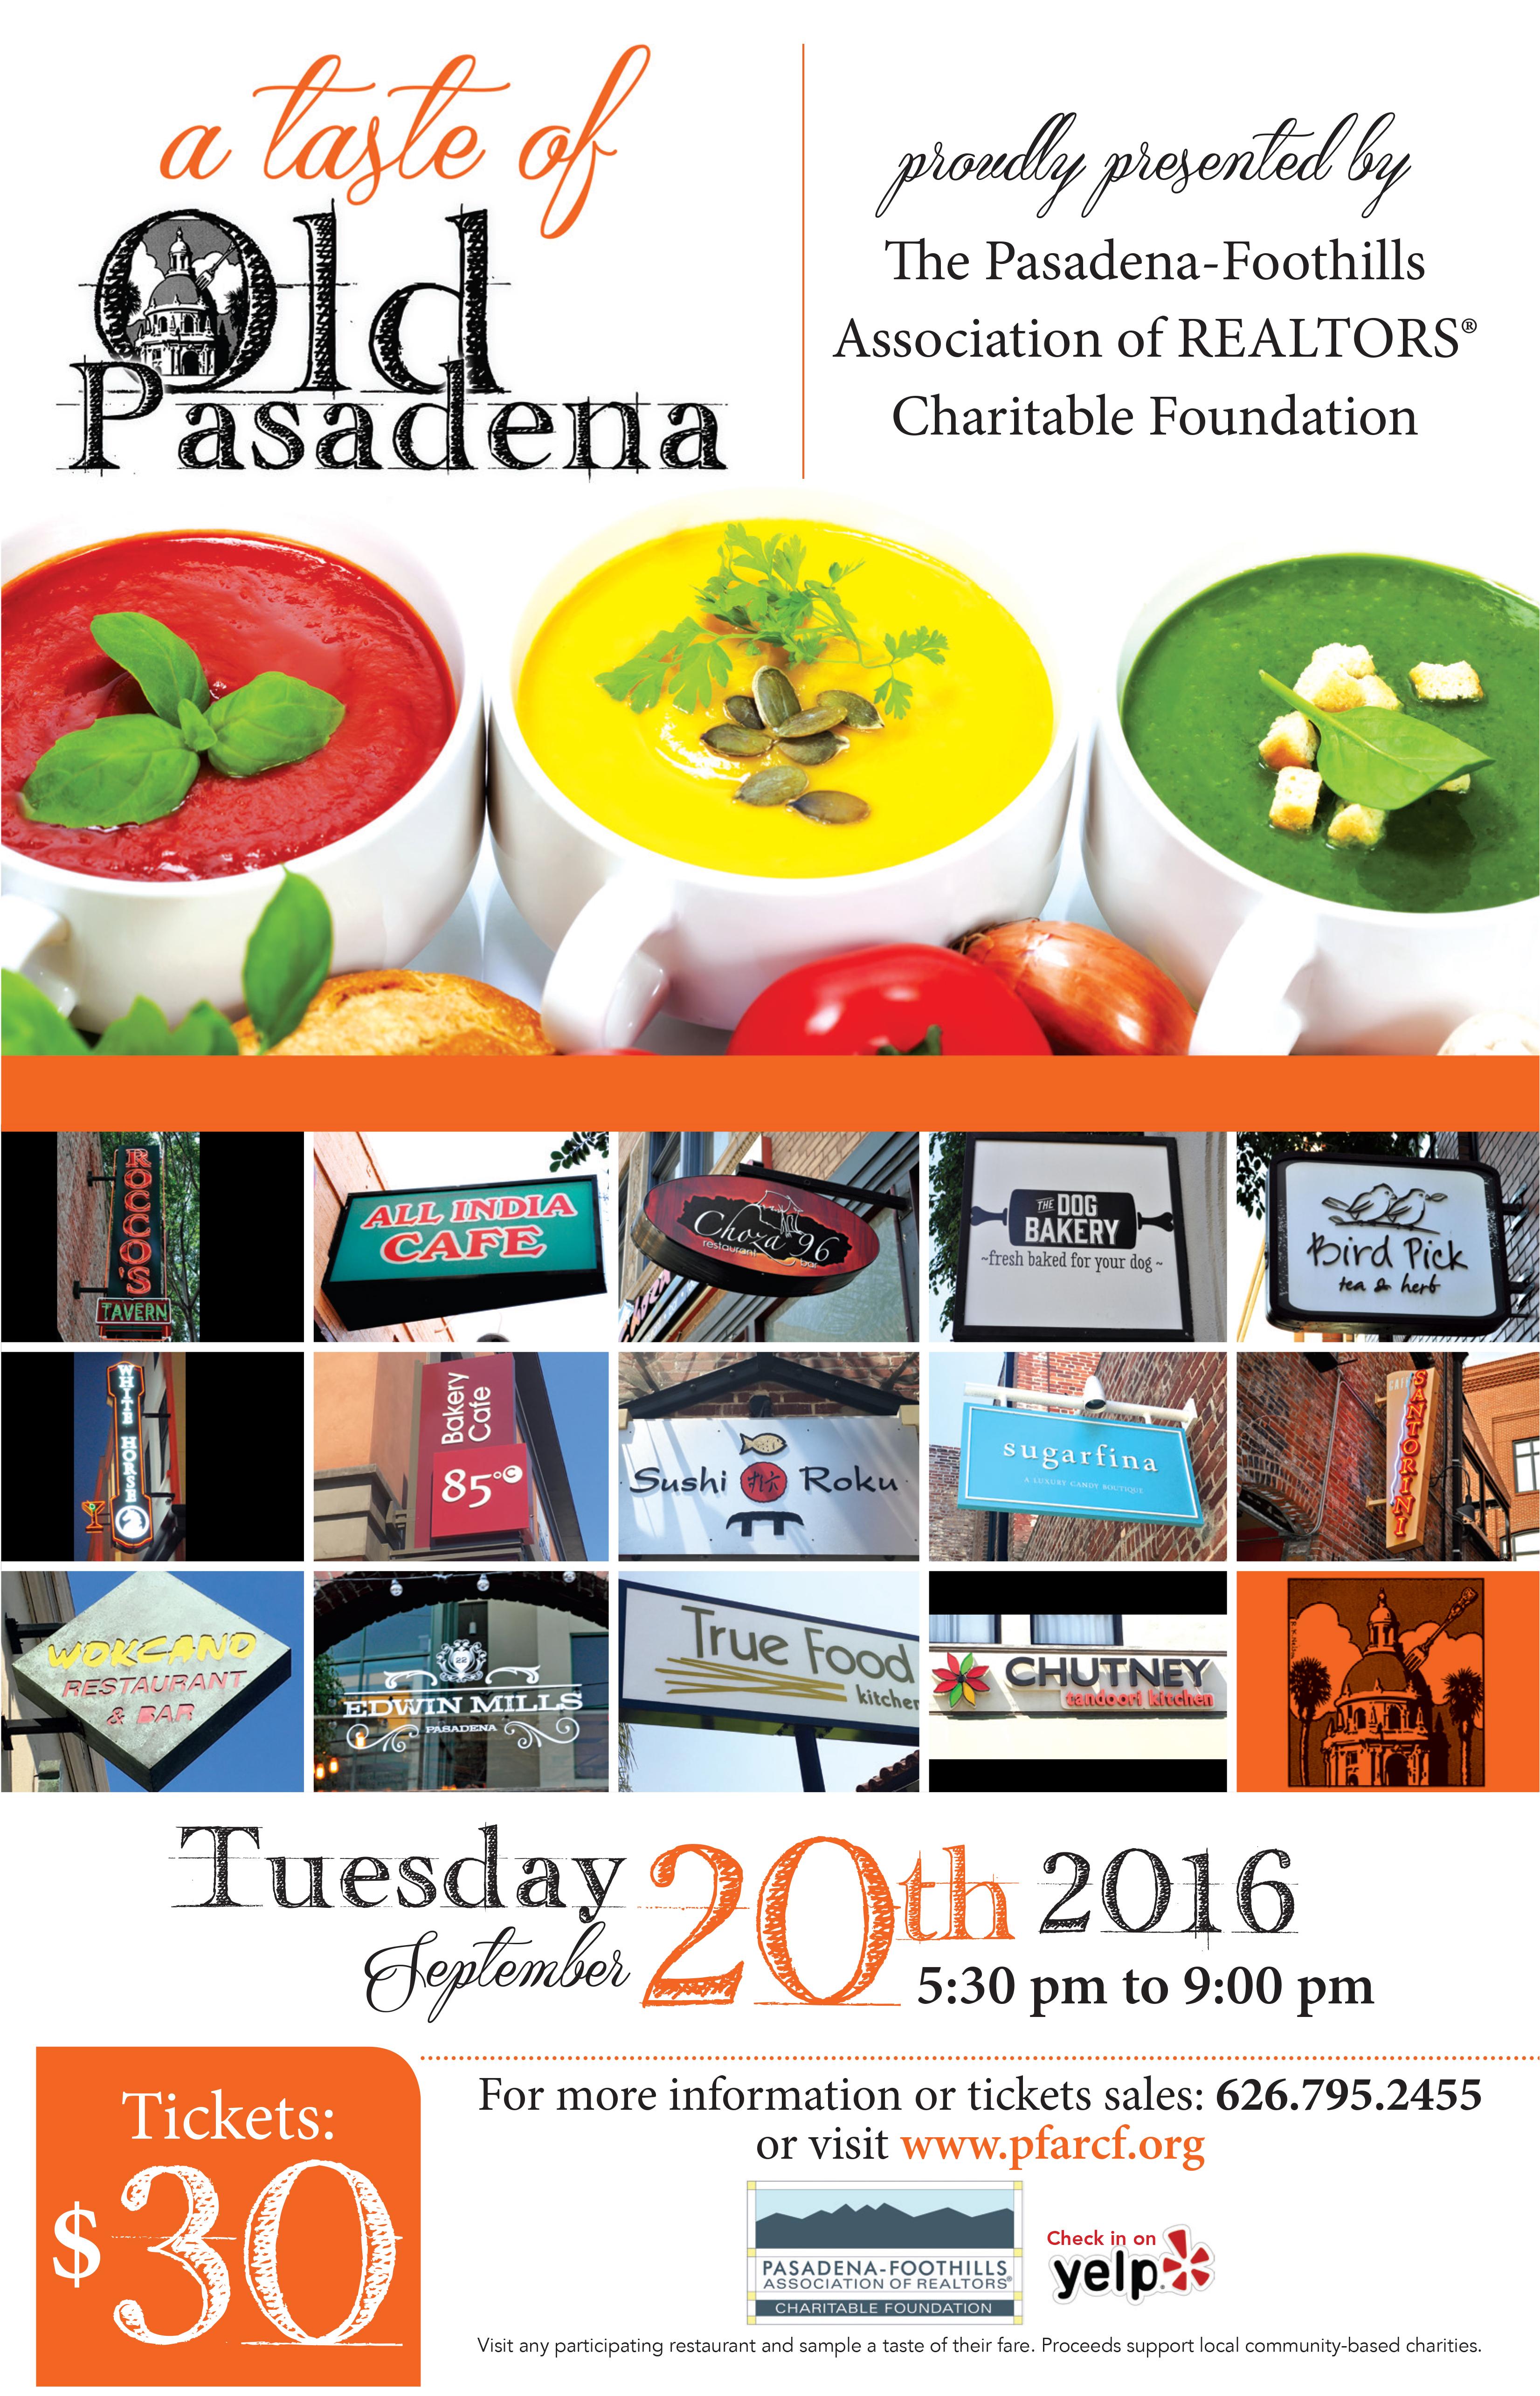 taste-old-pasadena-2016